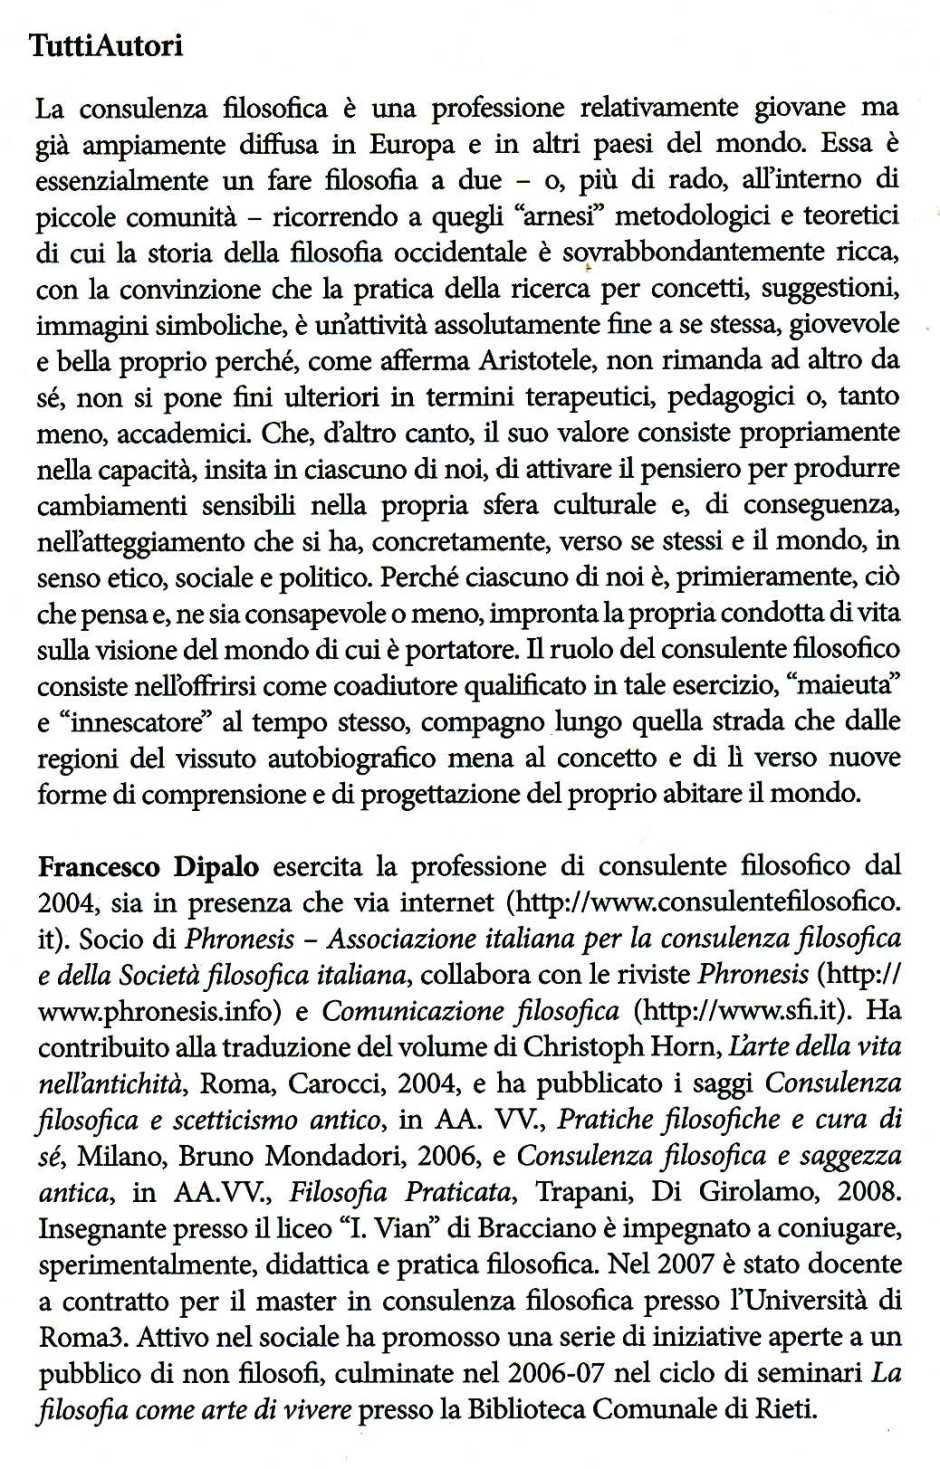 DIPALO1444